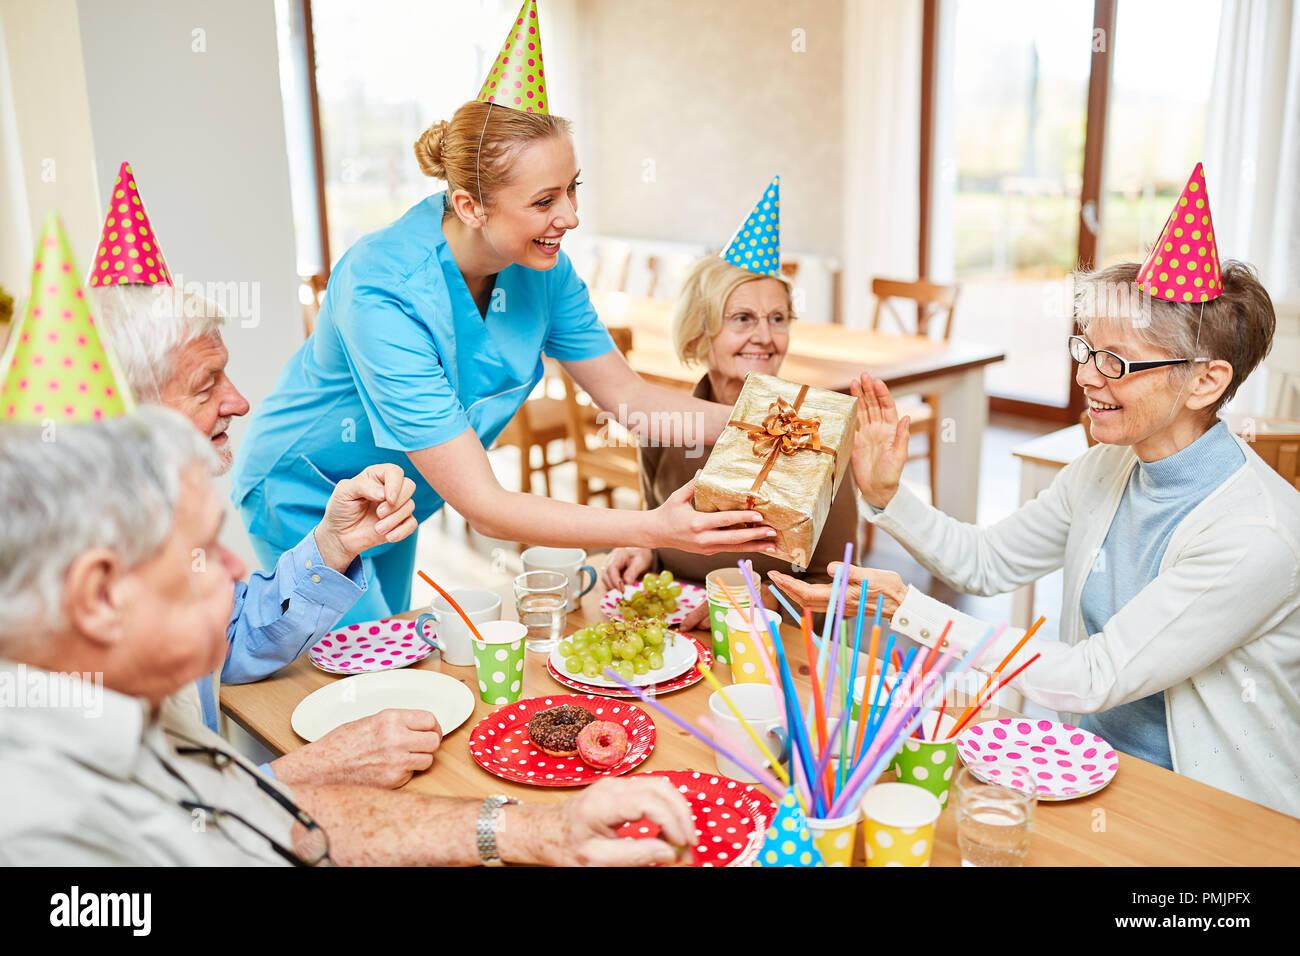 Betreuer übergibt ein Geschenk Paket in eine alte Frau an ihrem Geburtstag Stockbild